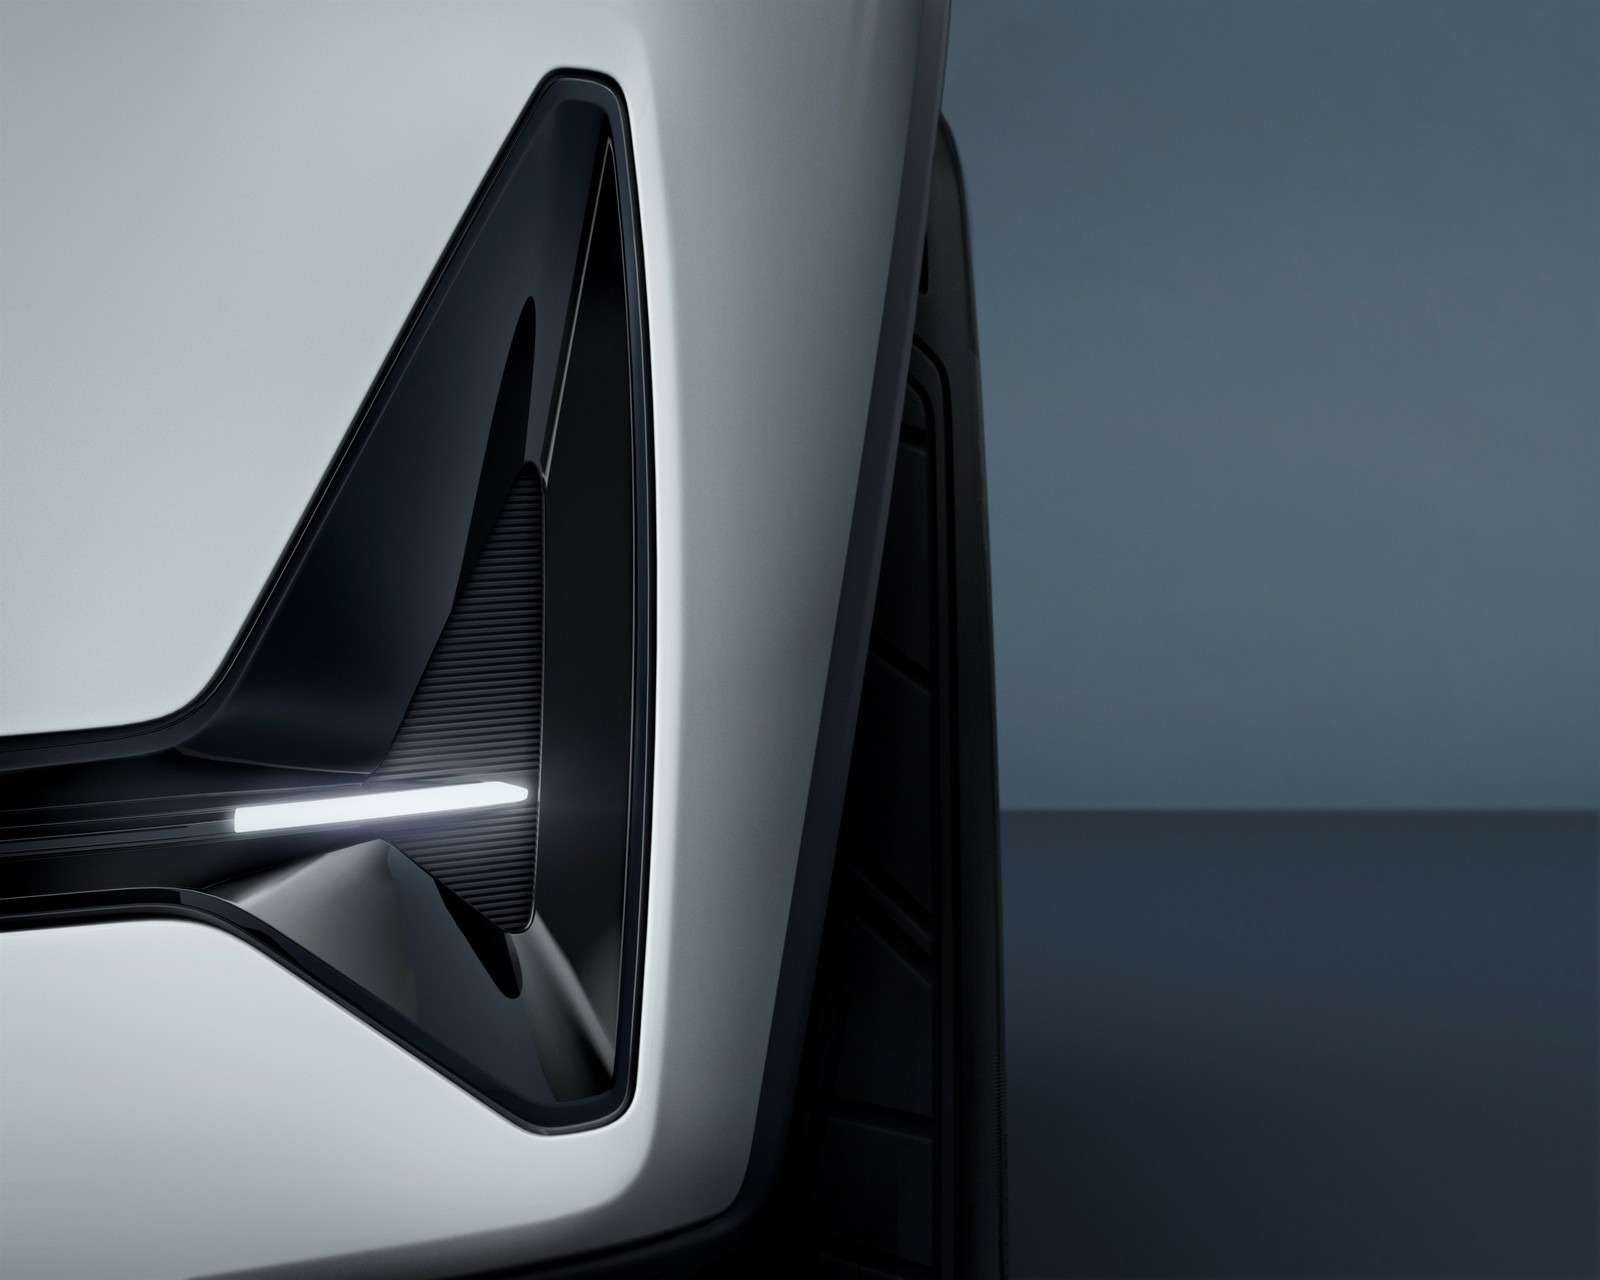 Двараза по40: Volvo анонсировала новое семейство концептуальным дублем— фото 588964